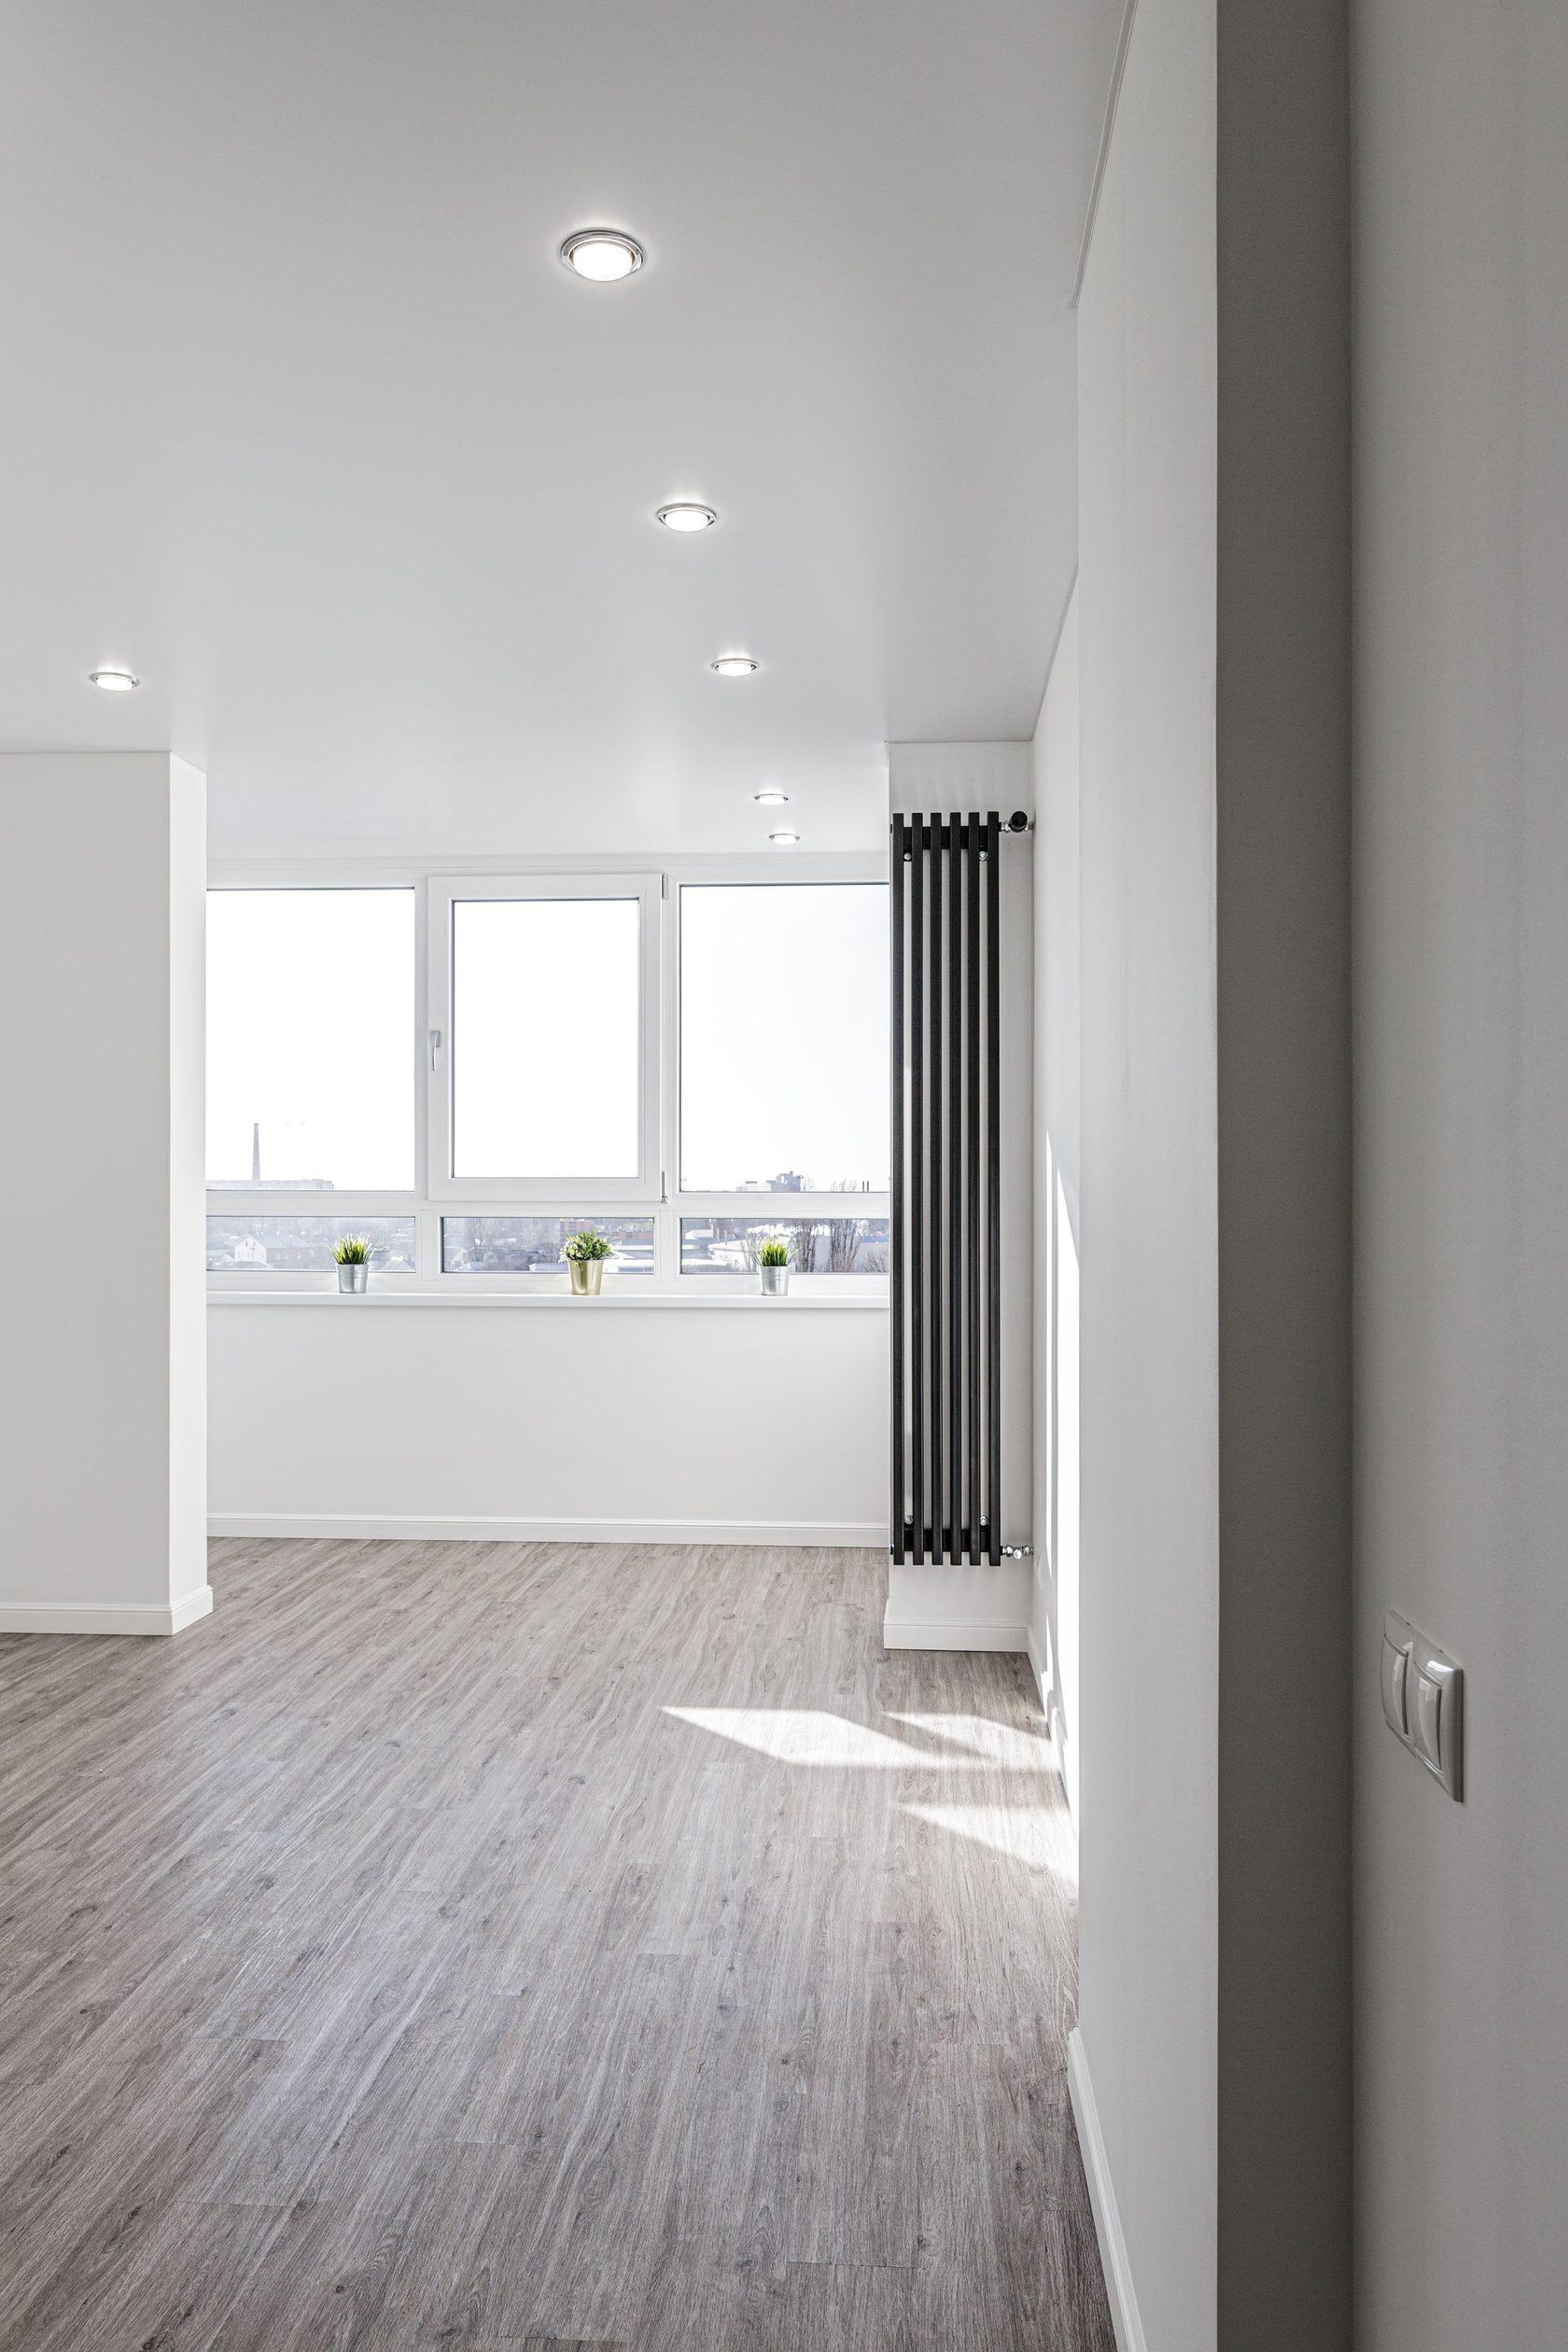 ремонт однокомнатной квартиры, ремонт однокомнатной квартиры под ключ, сделать ремонт в однокомнатной квартире, ремонт однокомнатной под ключ